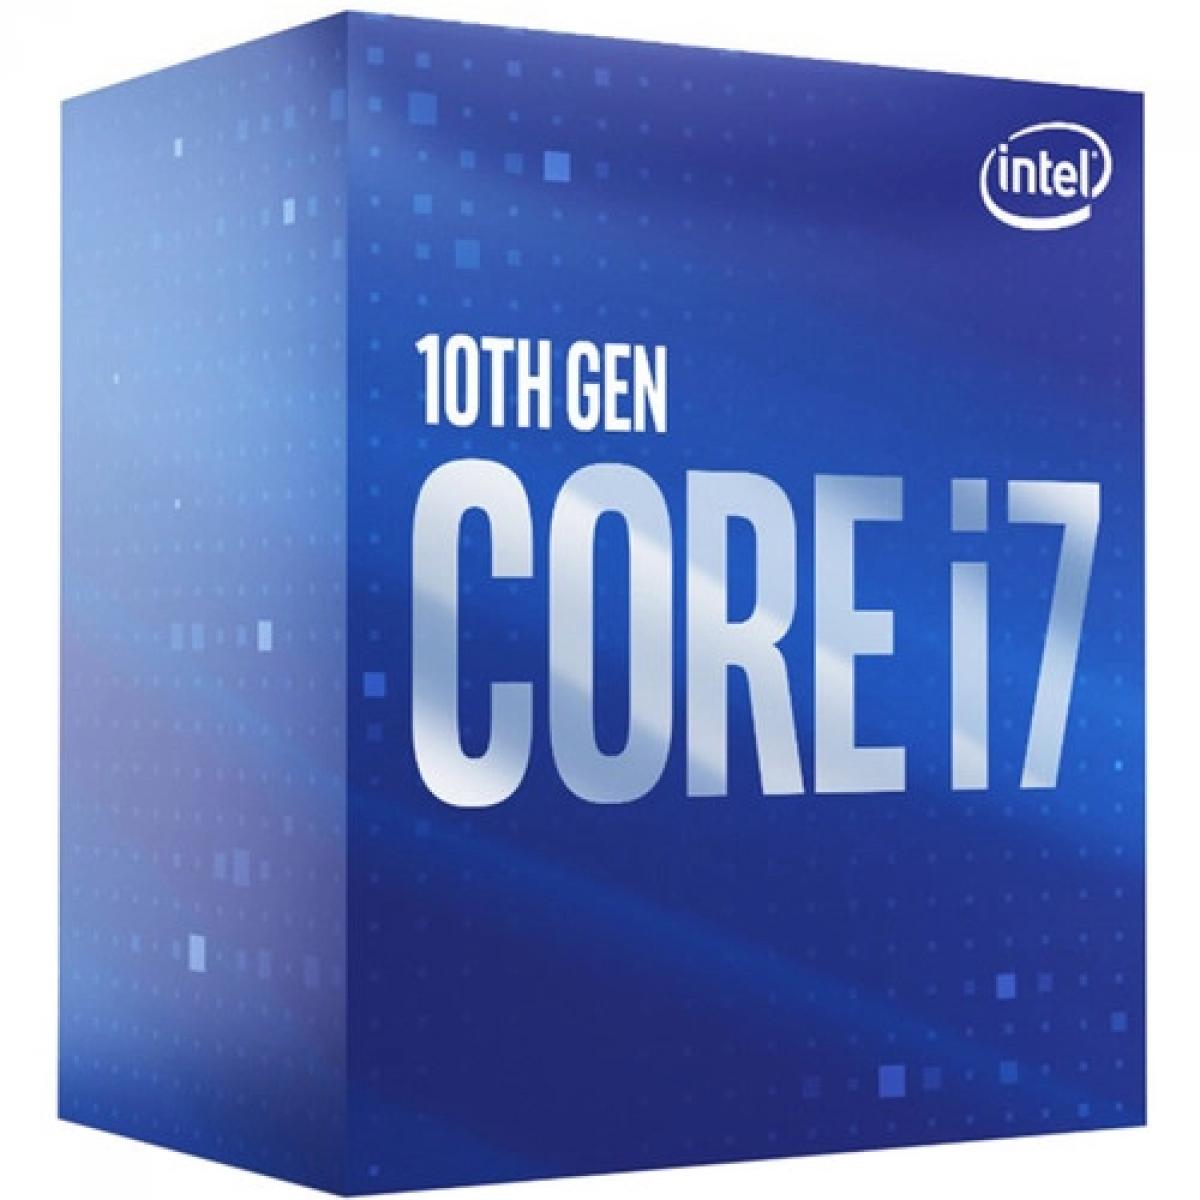 Processador Intel Core i7 10700F, 2.90GHz (4.80GHz Turbo), 10ª Geração, 8-Cores 16-Threads, LGA 1200, BX8070110700F